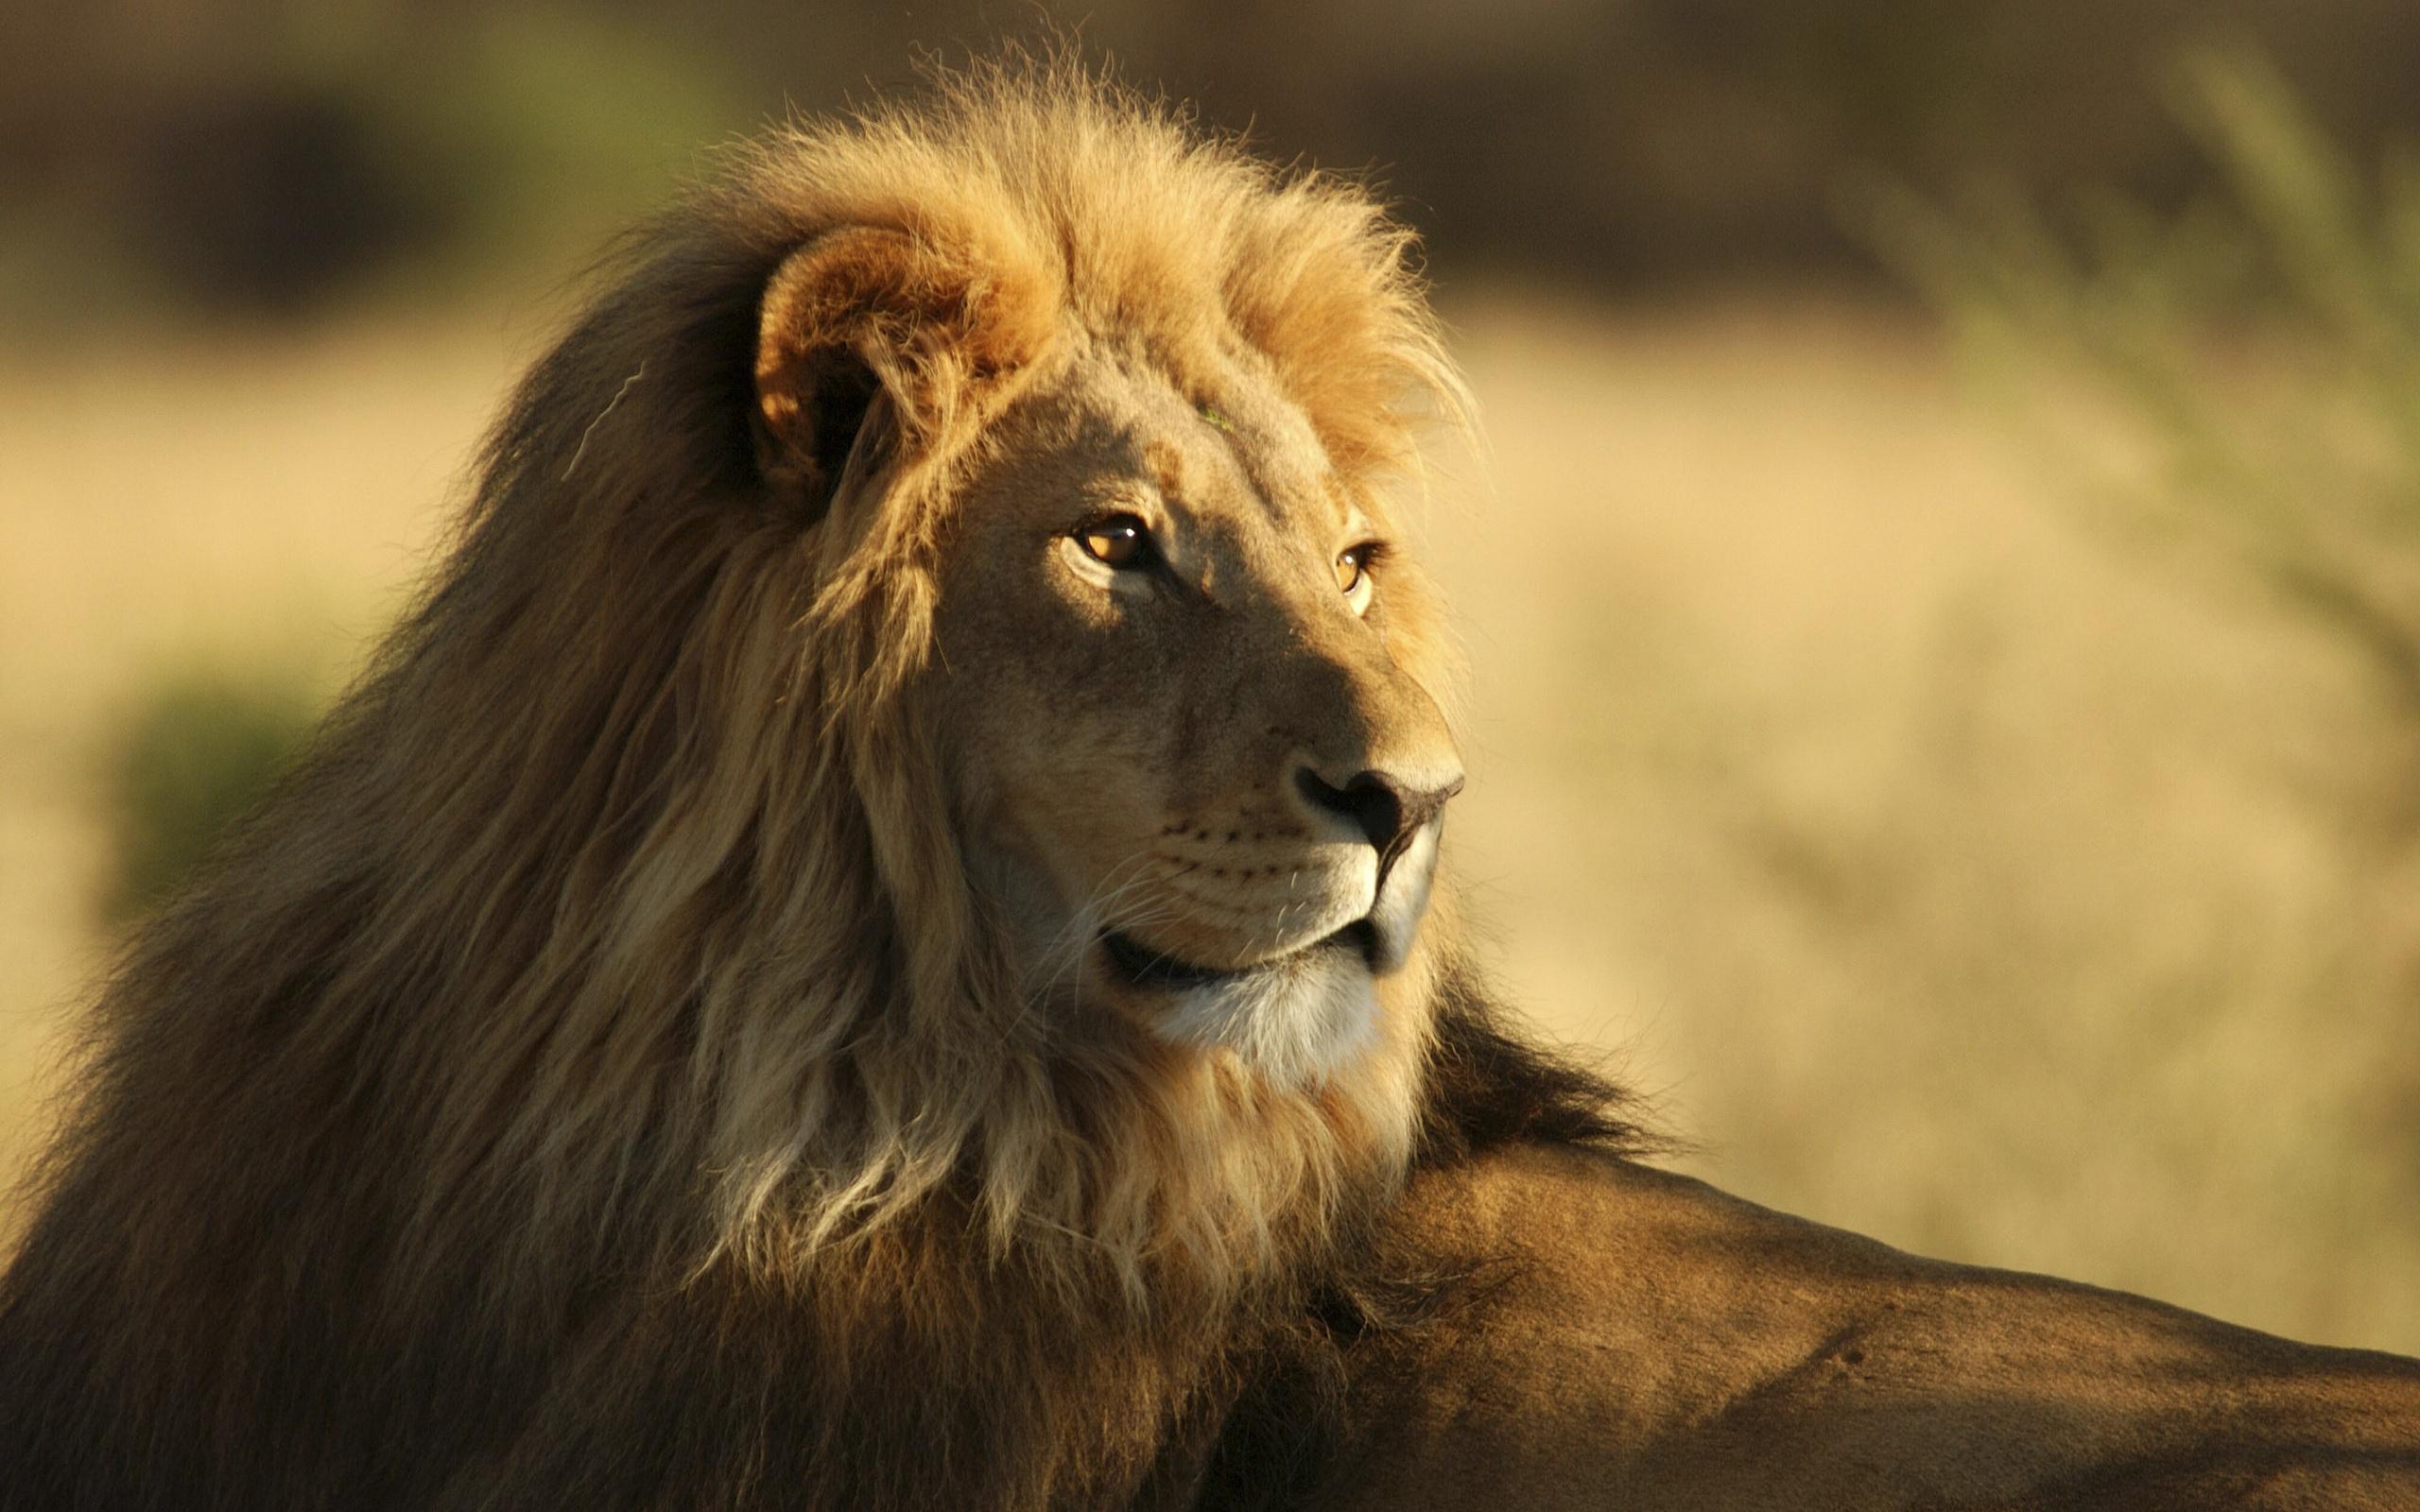 красивая открытка льва тенденции увеличения популярности